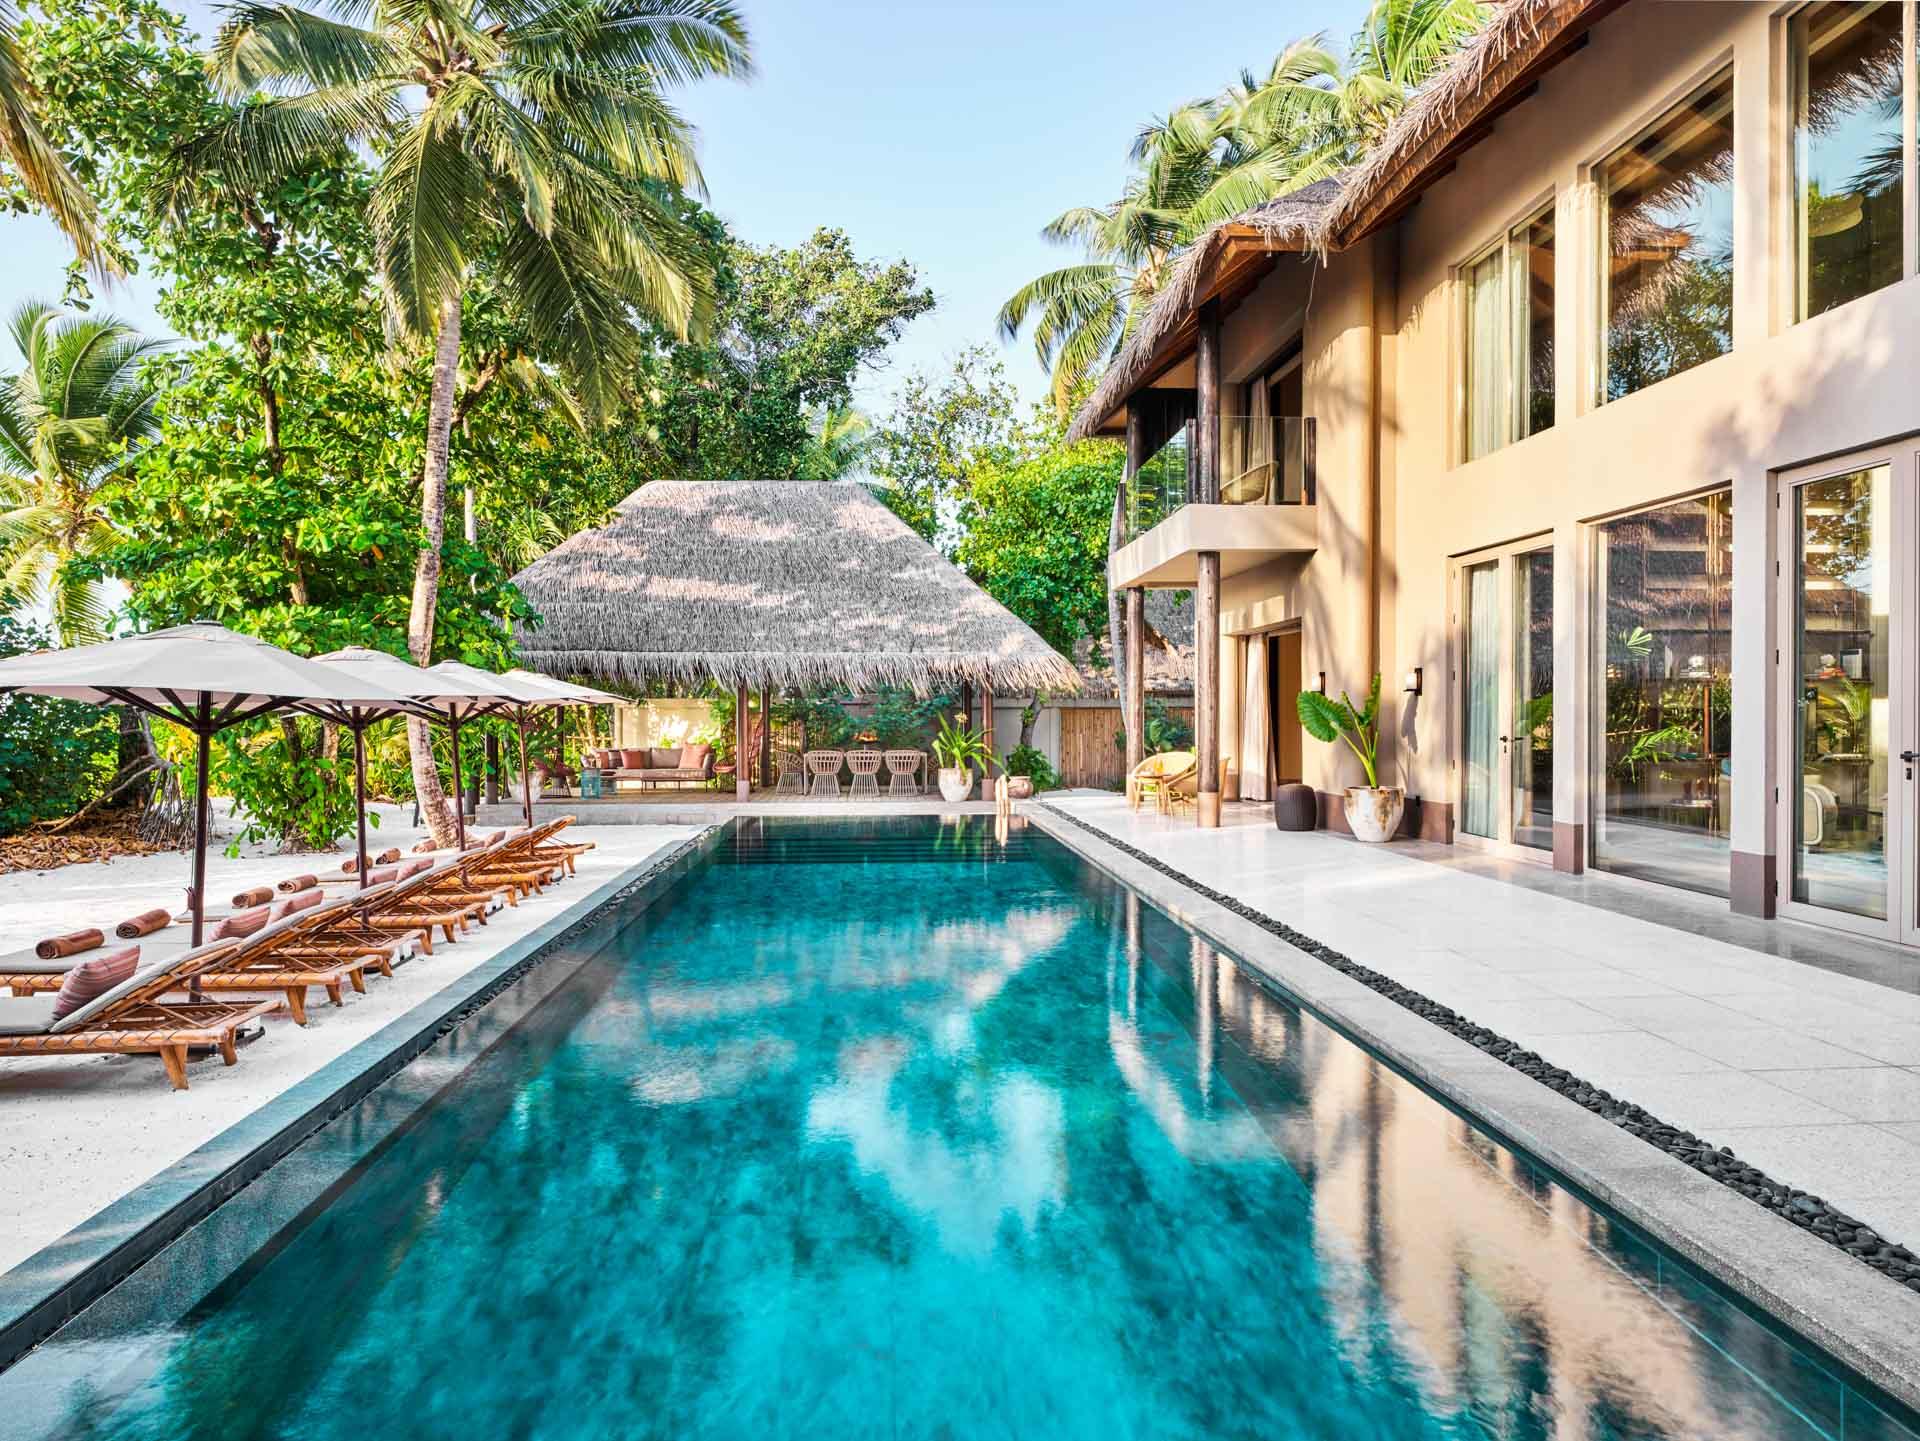 Eaux turquoise, plages nacrées, villas gigantesques, offre gastronomique remarquable et touches arty, bienvenue au JOALI Maldives, resort d'exception qui réussit le pari de faire rimer luxe, art contemporain et développement durable.